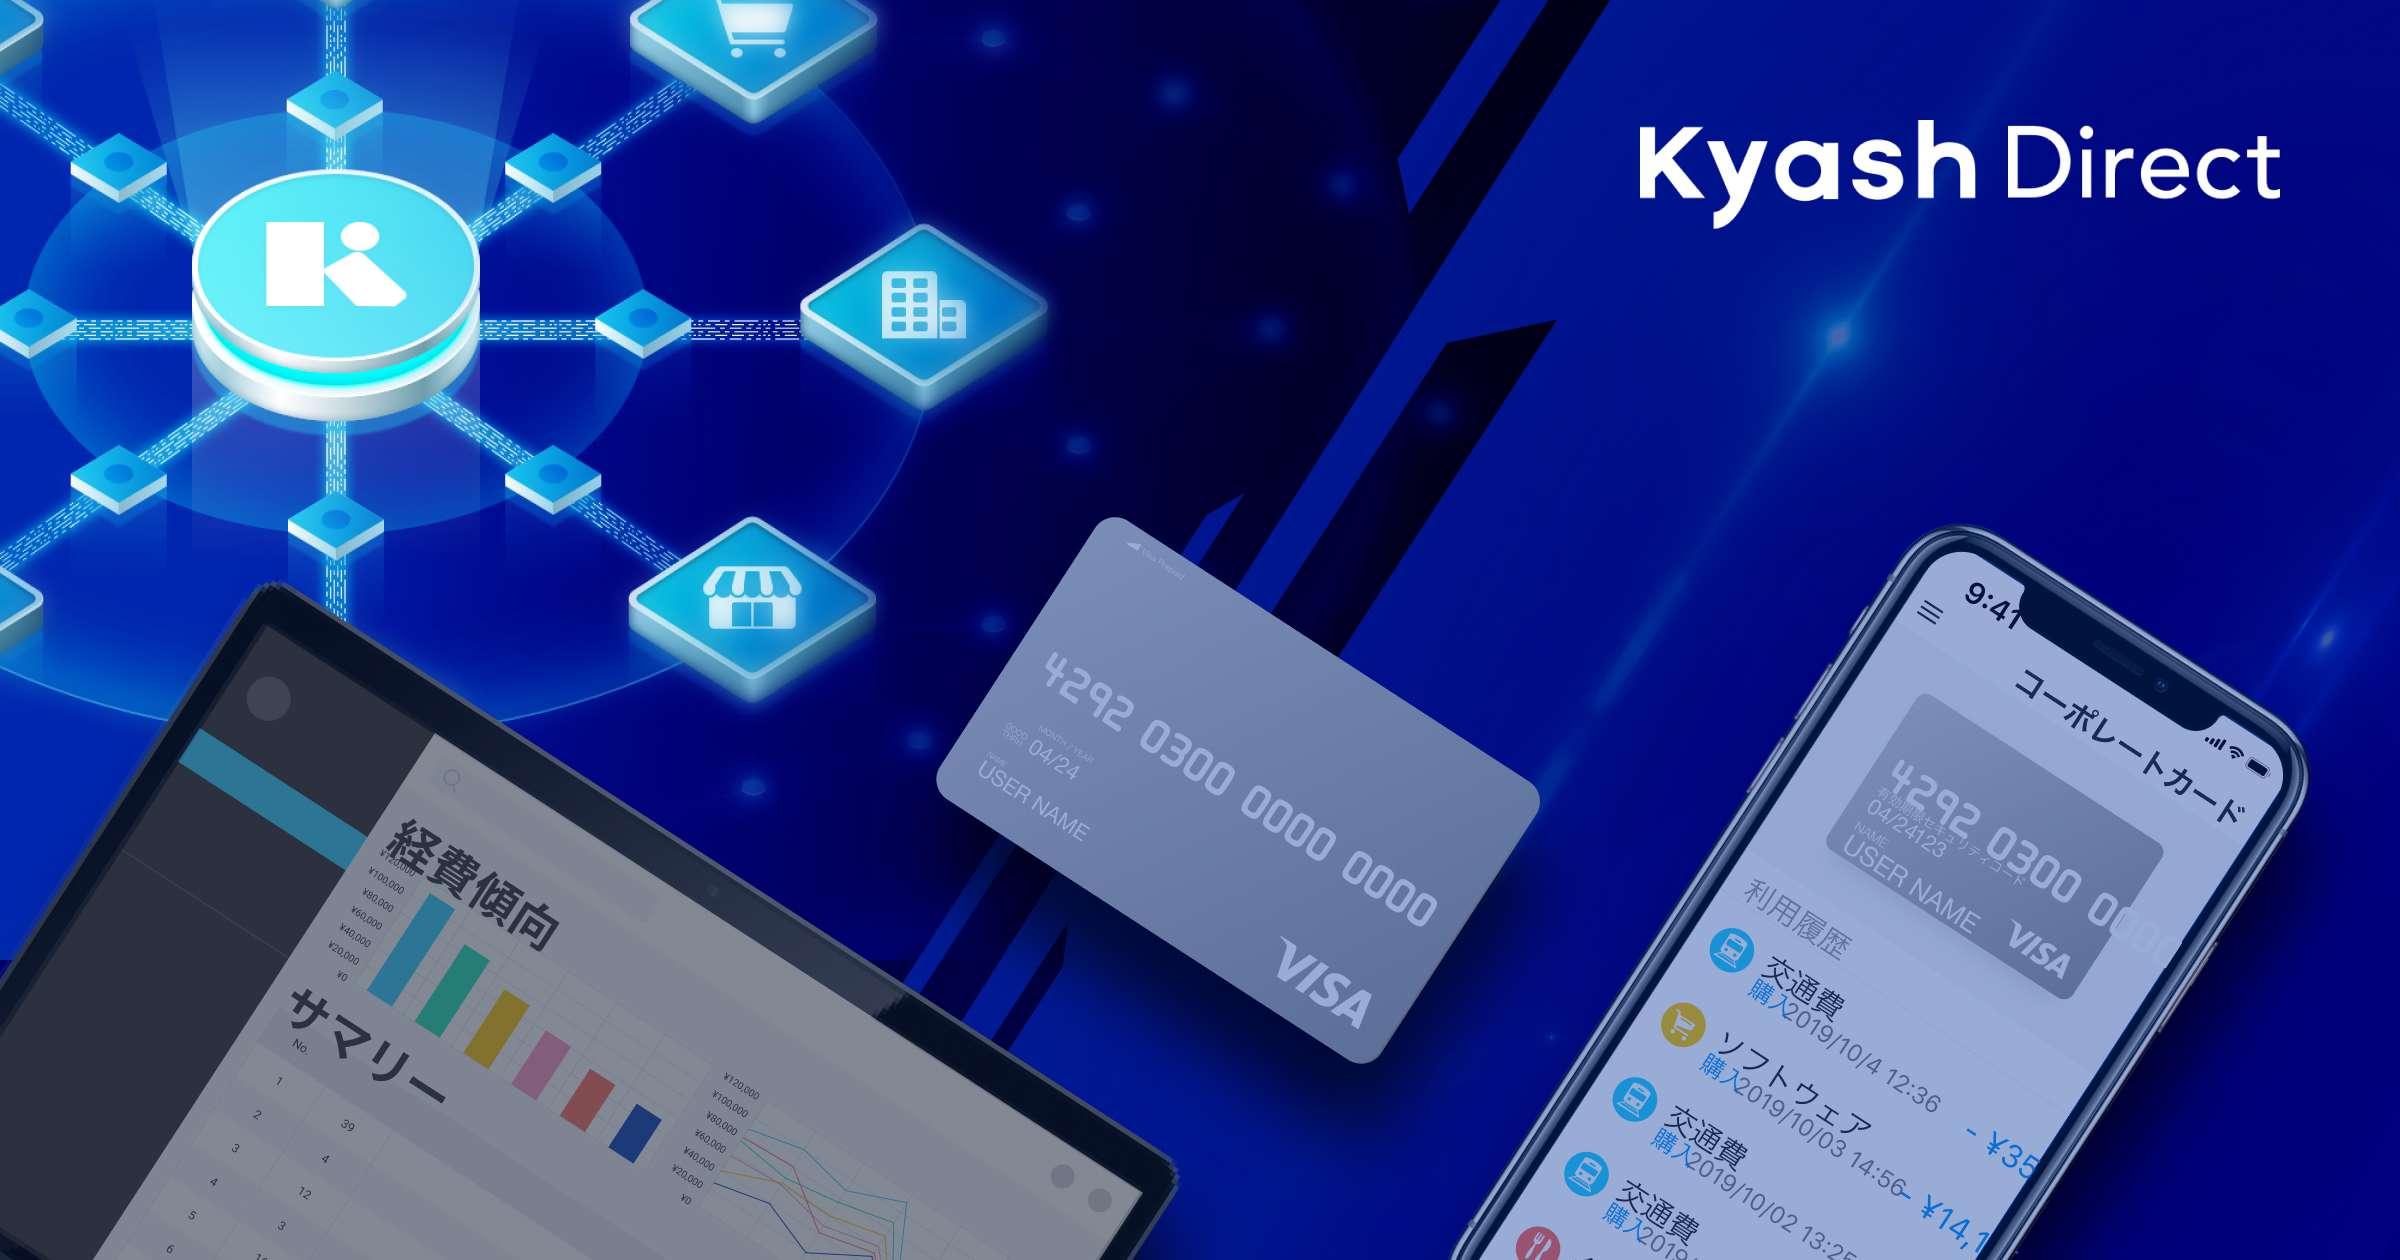 決済プラットフォーム「Kyash Direct」サービス提供開始